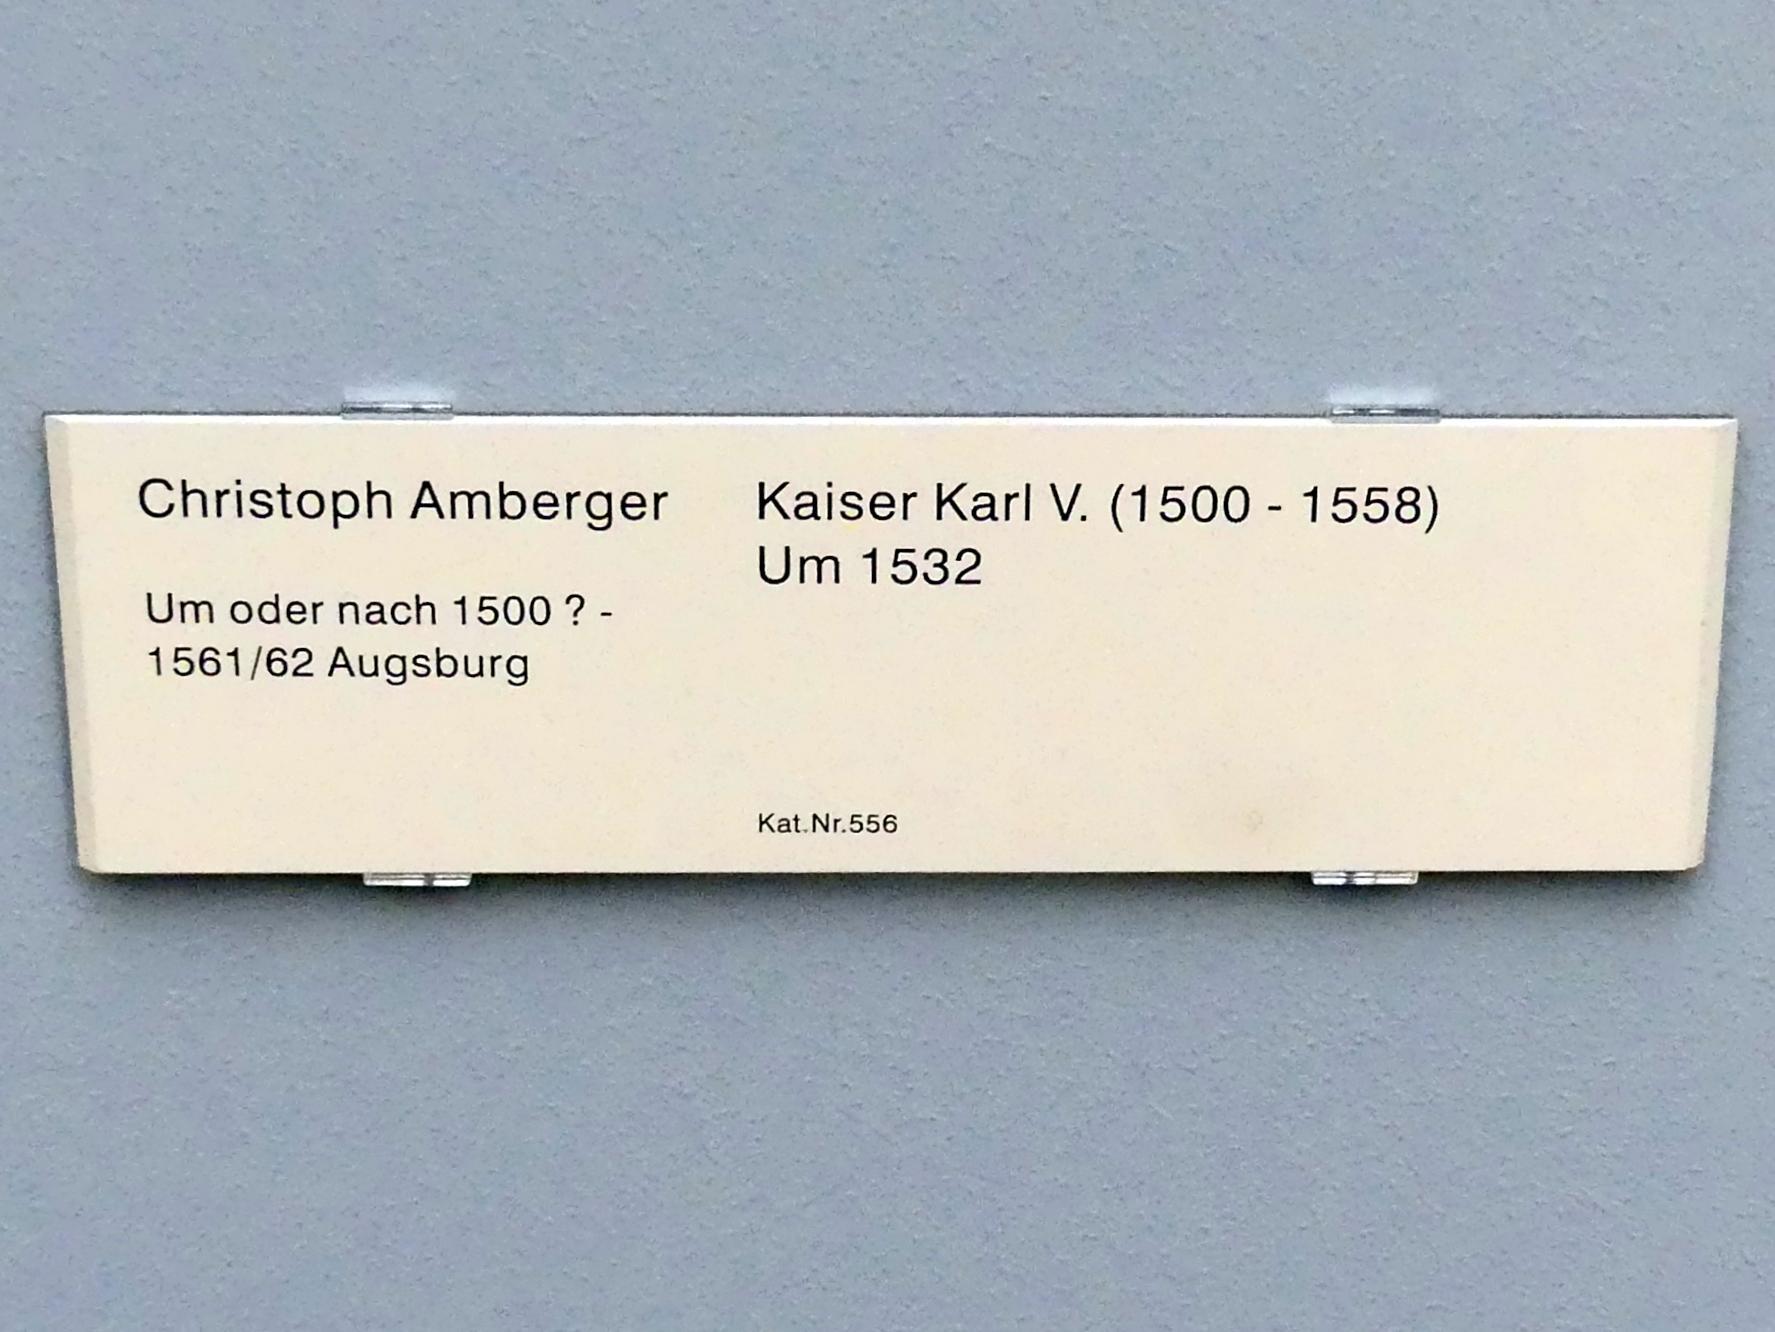 Christoph Amberger: Kaiser Karl V. (1500-1558), um 1532, Bild 2/2